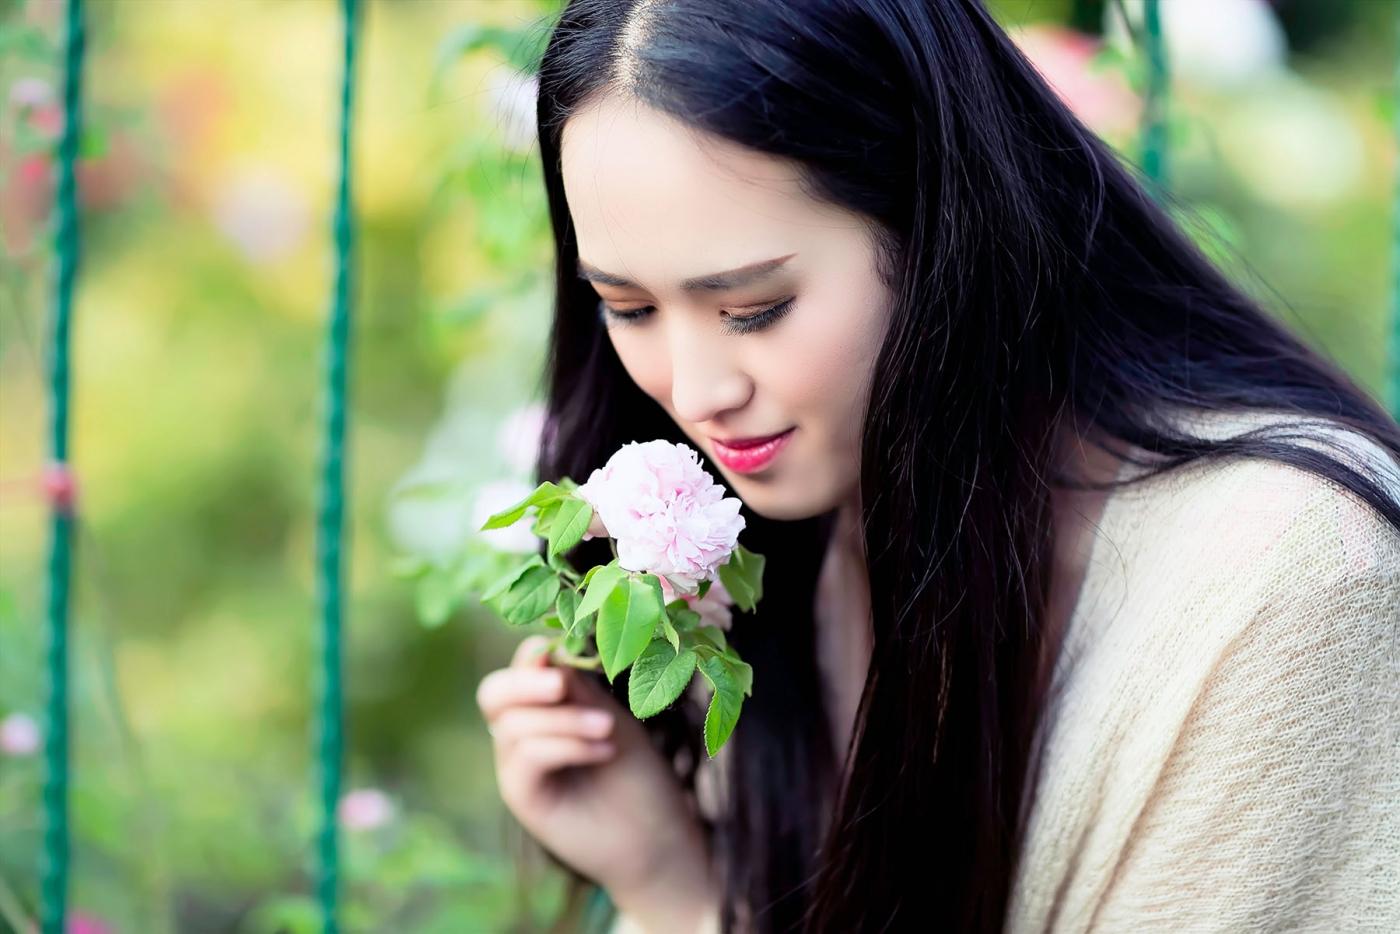 蔷薇·阳光·女孩 去见你想见的人吧_图1-20